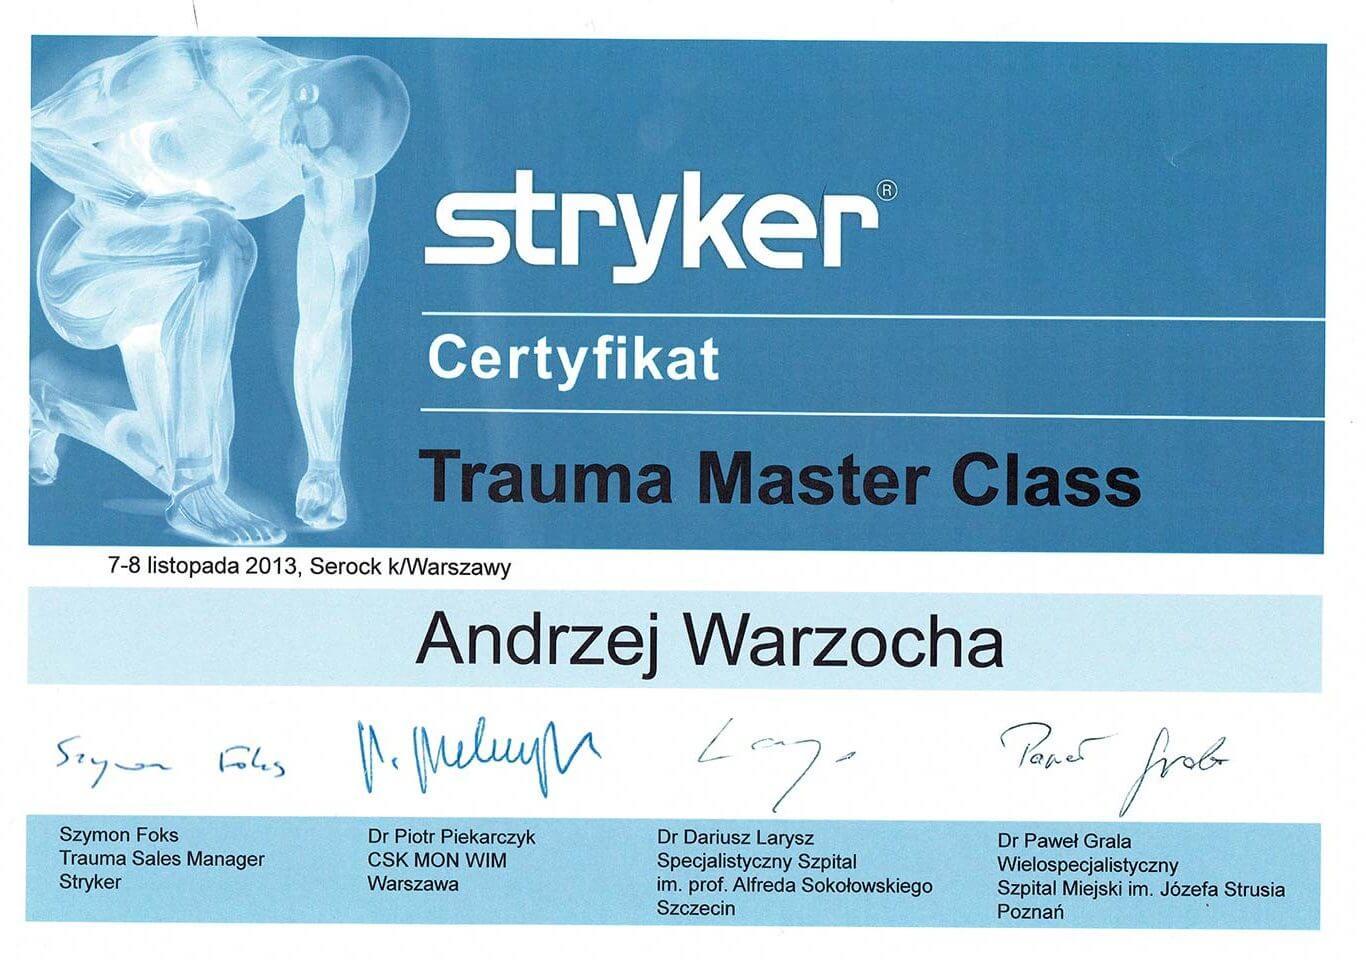 certyfikat-dyplom-adrzej-warzocha (7)